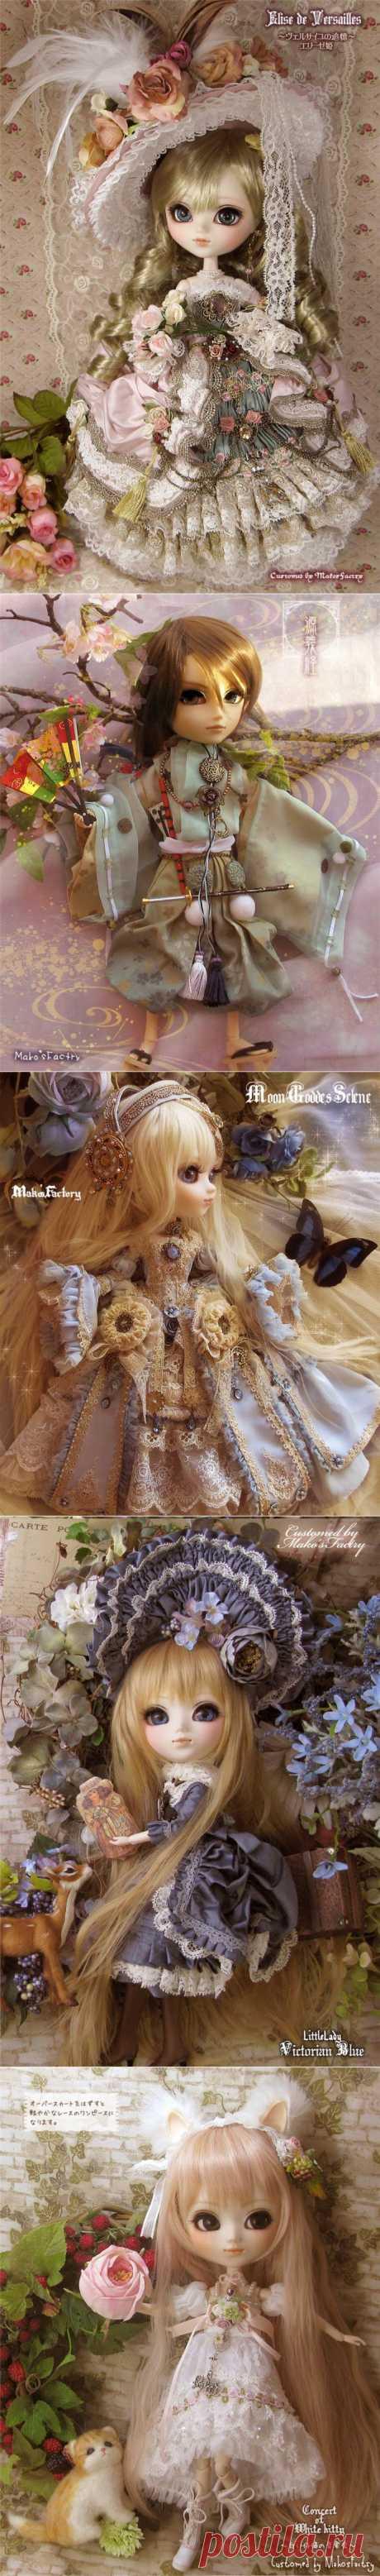 Las muñecas japonesas.